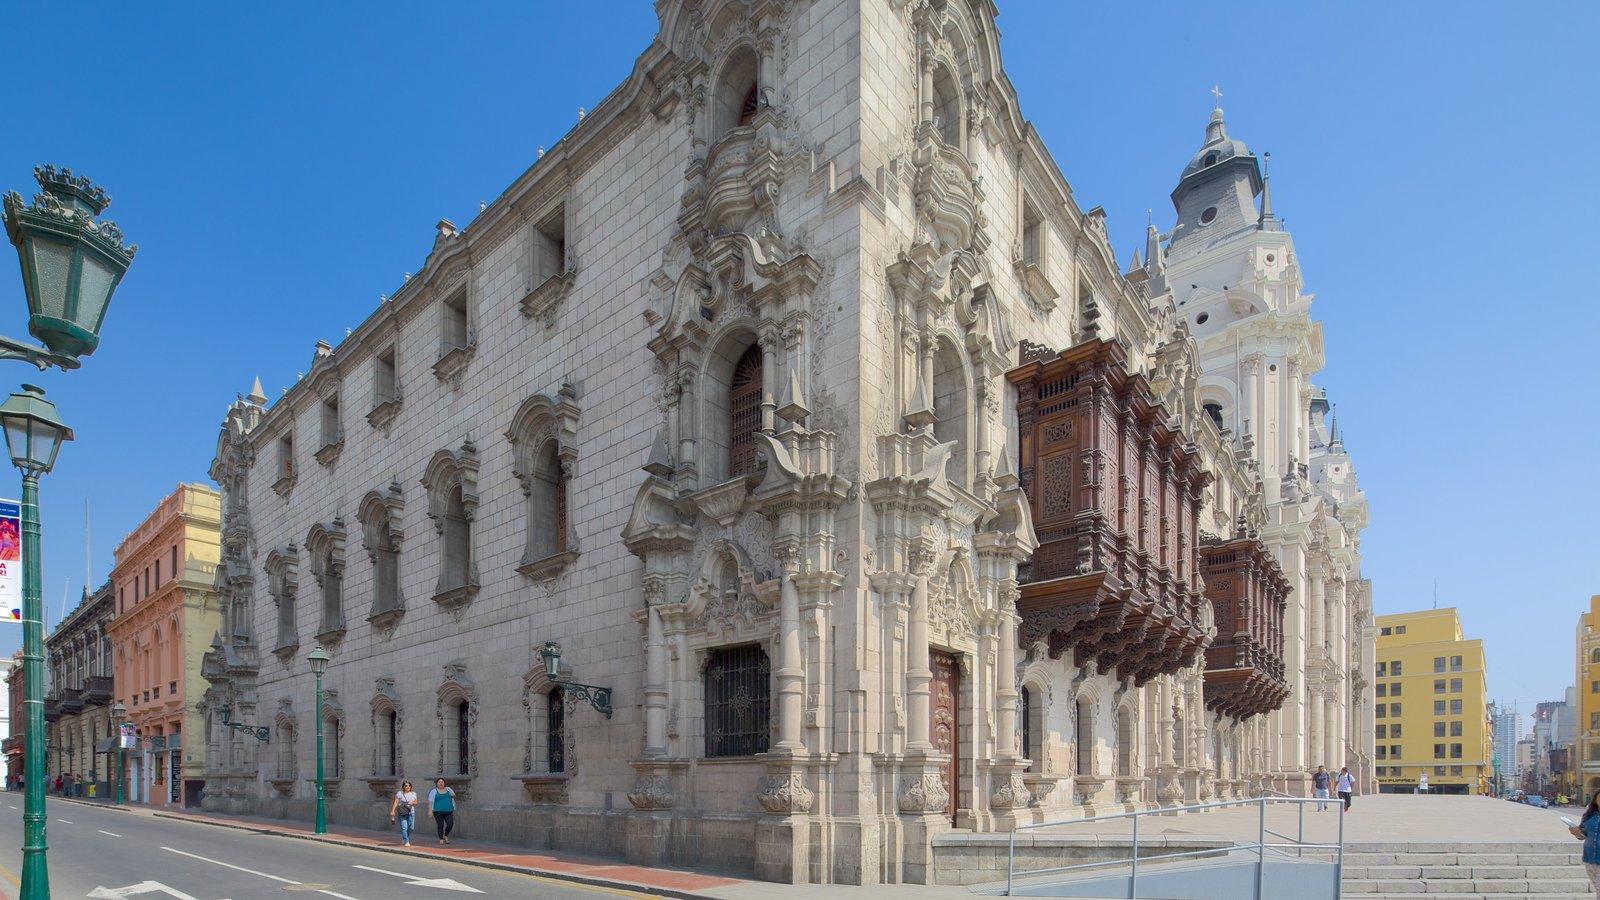 Plaza Mayor que inclui cenas de rua e arquitetura de patrimônio